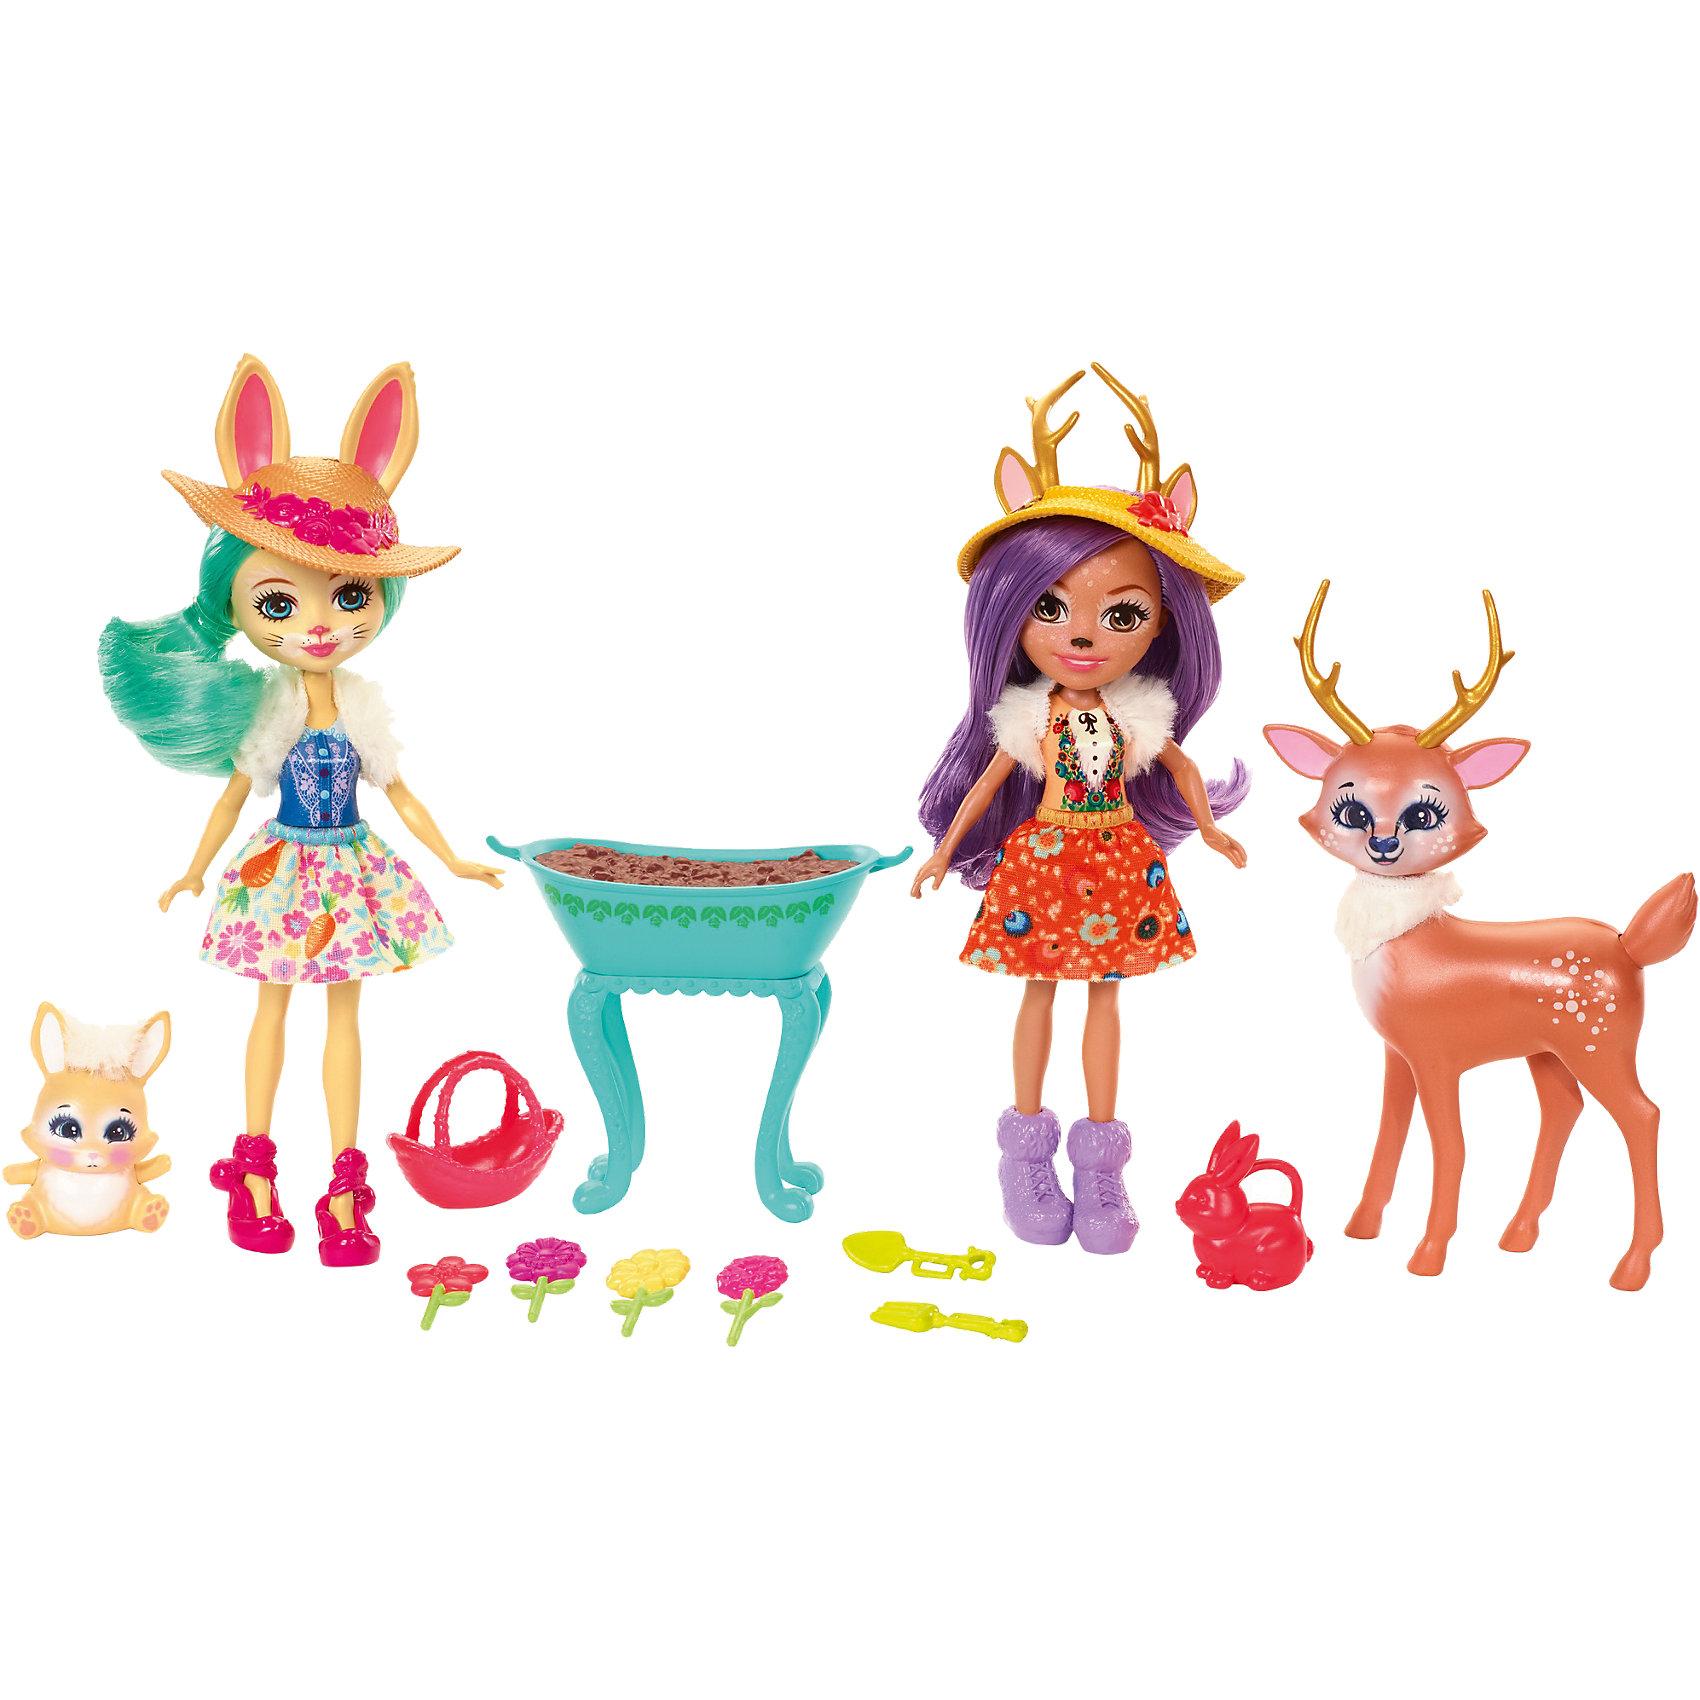 Набор из двух кукол с любимыми зверюшками EnchantimalsМини-куклы<br>Характеристики товара:<br><br>• возраст: от 3 лет;<br>• пол: девочка; <br>• высота кукол: 15 см;<br>• в комплекте : 2 куклы, 2 фигурки питомцев и аксессуары; <br>• подвижные руки, ноги и голова кукол;<br>• мягкие волосы, которые можно расчесывать;<br>• съёмные шляпки;                                                 <br>• страна-производитель: Индонезия;                                    <br>• размер упаковки: 5,5х10х32,5 см;  .<br><br>Новинка от Mattel!<br>Перед вами замечательный набор, с которым можно будет придумать массу увлекательных историй и долго весело играть.<br><br>Оленёнок такой милый! У него пушистый белый мех на шее, пятнышки на бочку, золотистые рога и розовенькие щечки! Данэсса так похожа на своего питомца! У неё олений носик и золотистые рога, а еще фиолетовые волосы и карие глаза. <br><br>Еще в наборе есть Флаффи и ее милый пушистый кролик. Они так похожи! У Флаффи кроличьи ушки, хвостик и носик. А еще у нее светло-жёлтая кожа, голубые глазки и мягкие зелёные волосы, которые можно расчёсывать. <br><br>НаборEnchantimals Mattel из 2х кукол с любимыми зверюшками , можно купить в нашем интернет-магазине.<br><br>Ширина мм: 332<br>Глубина мм: 228<br>Высота мм: 76<br>Вес г: 286<br>Возраст от месяцев: 72<br>Возраст до месяцев: 120<br>Пол: Женский<br>Возраст: Детский<br>SKU: 6739708